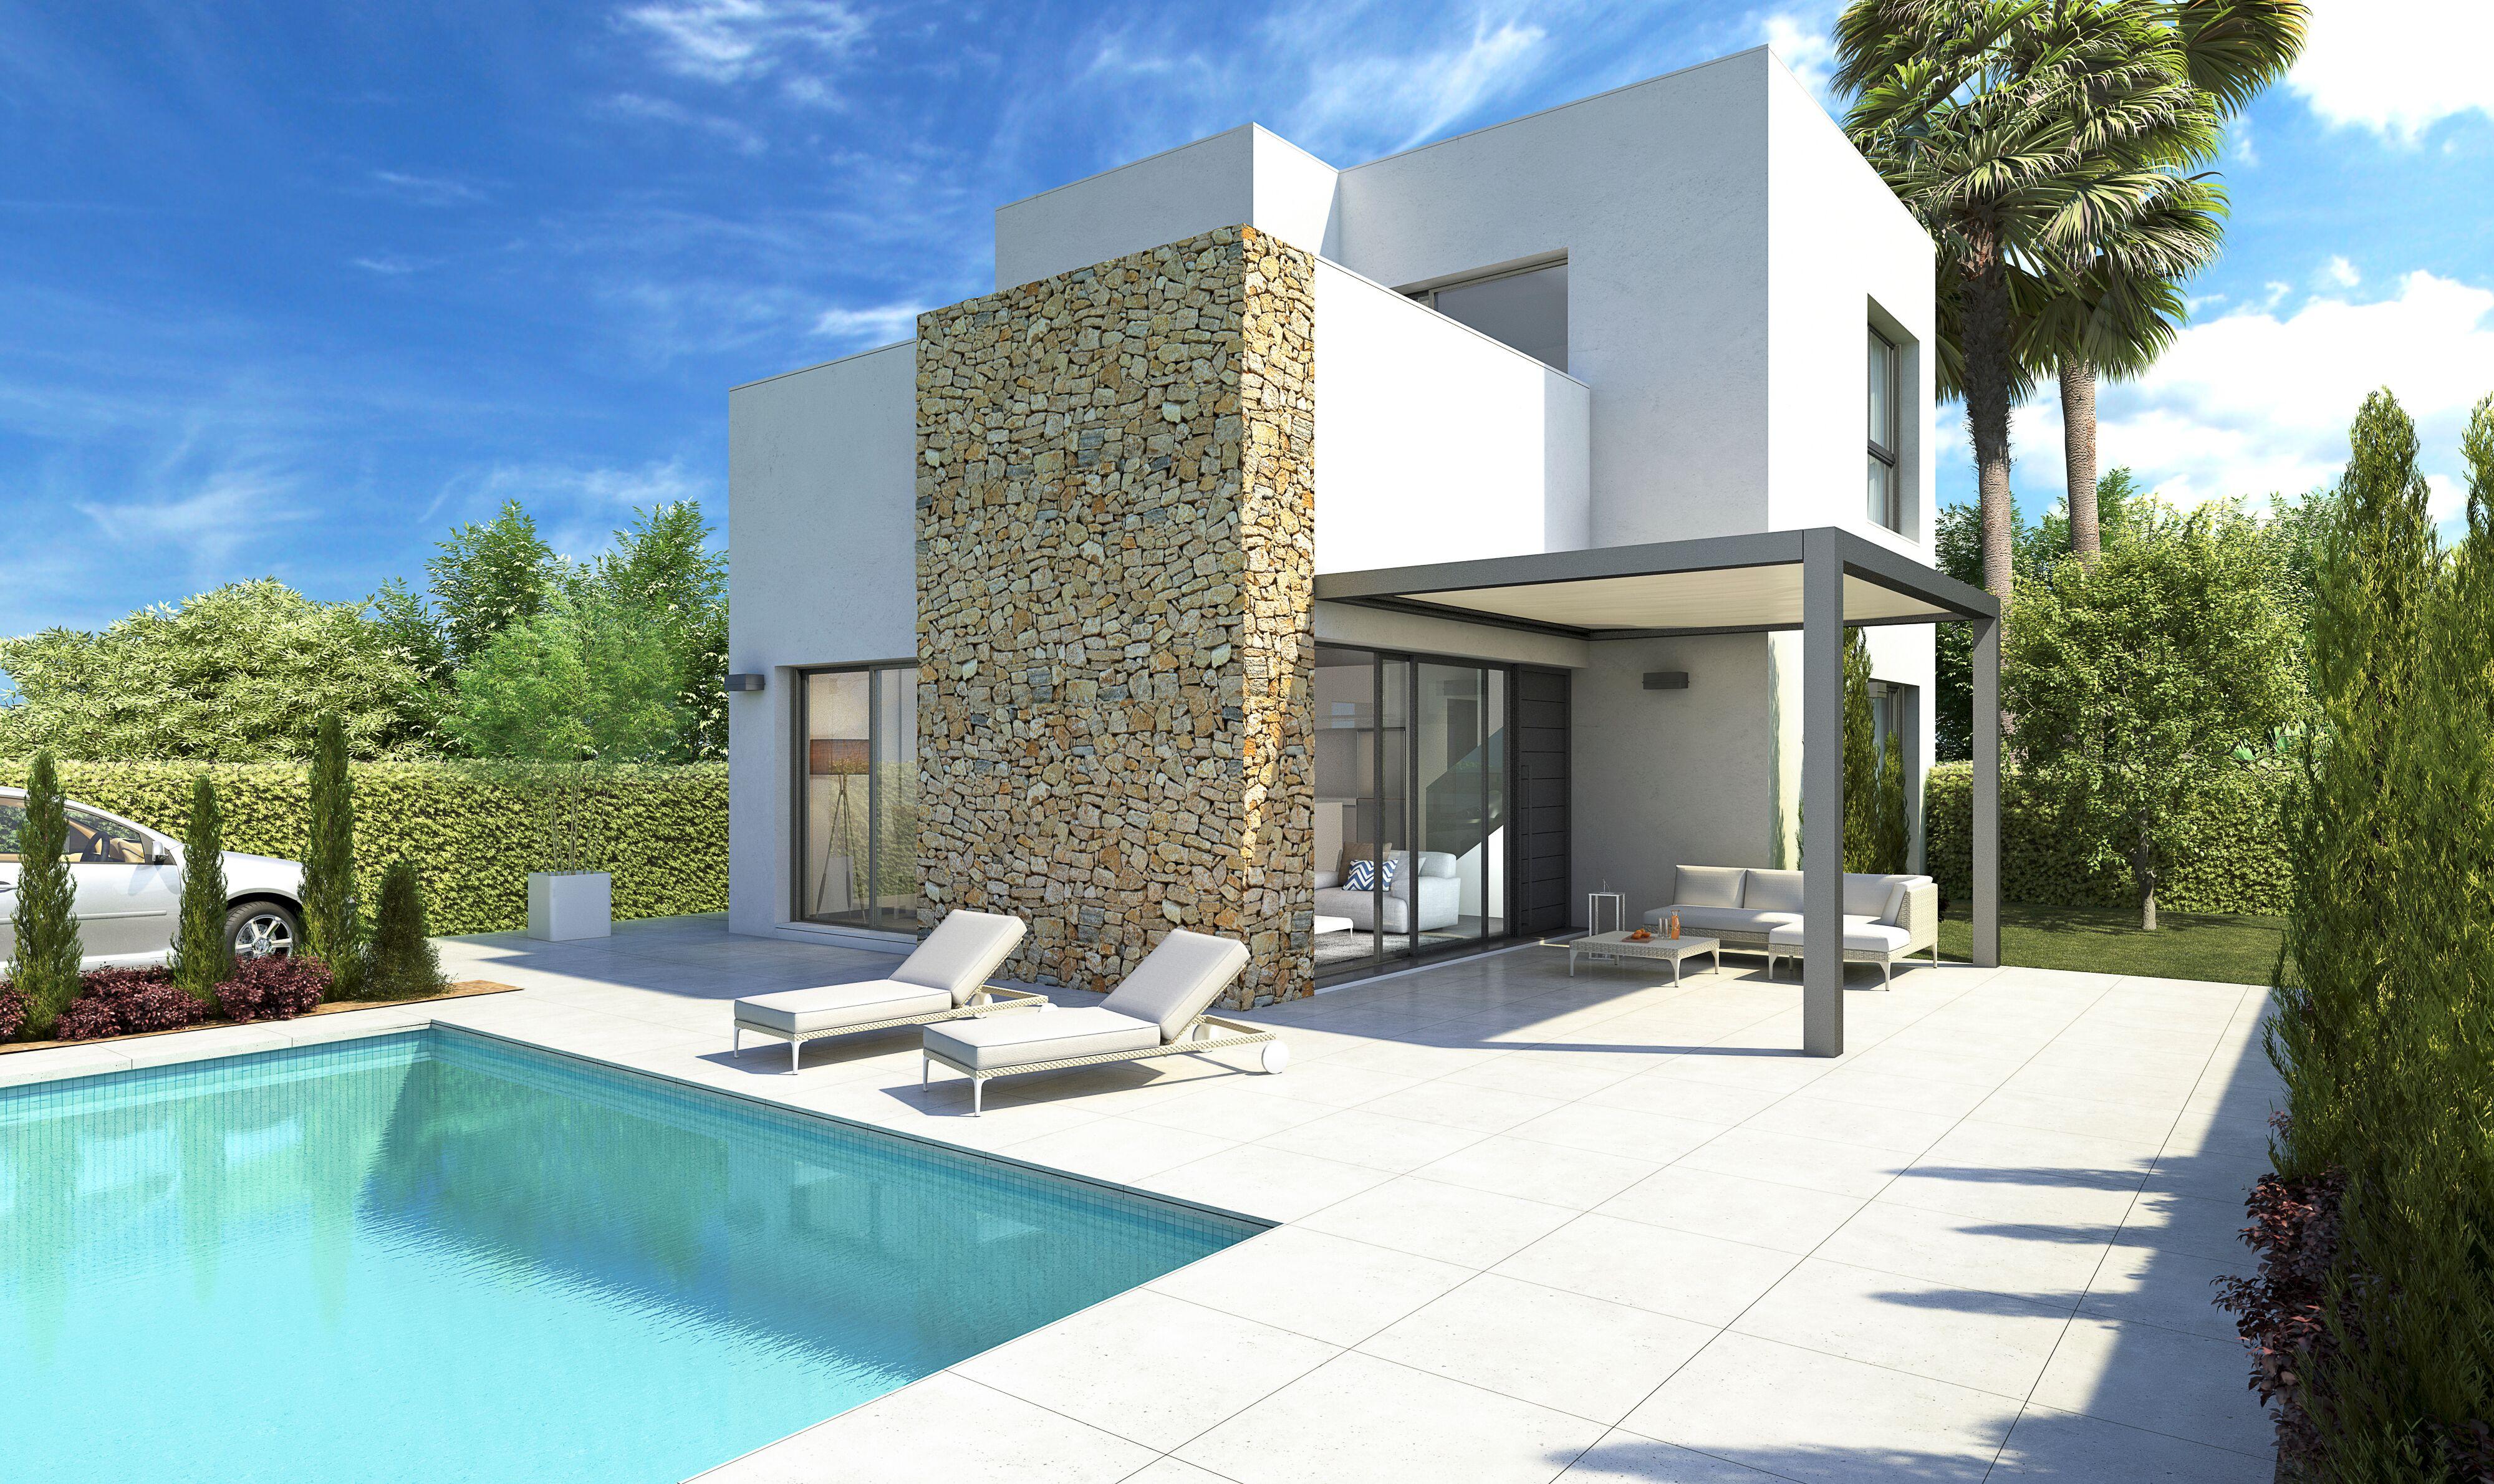 Moderne villa's met privé zwembad in Ciudad Quesada